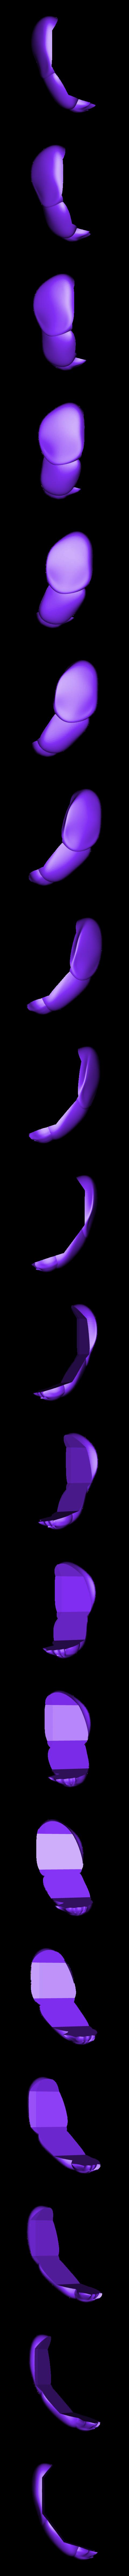 Left Arm.stl Télécharger fichier STL gratuit Don Lemon • Objet pour impression 3D, MyVx35